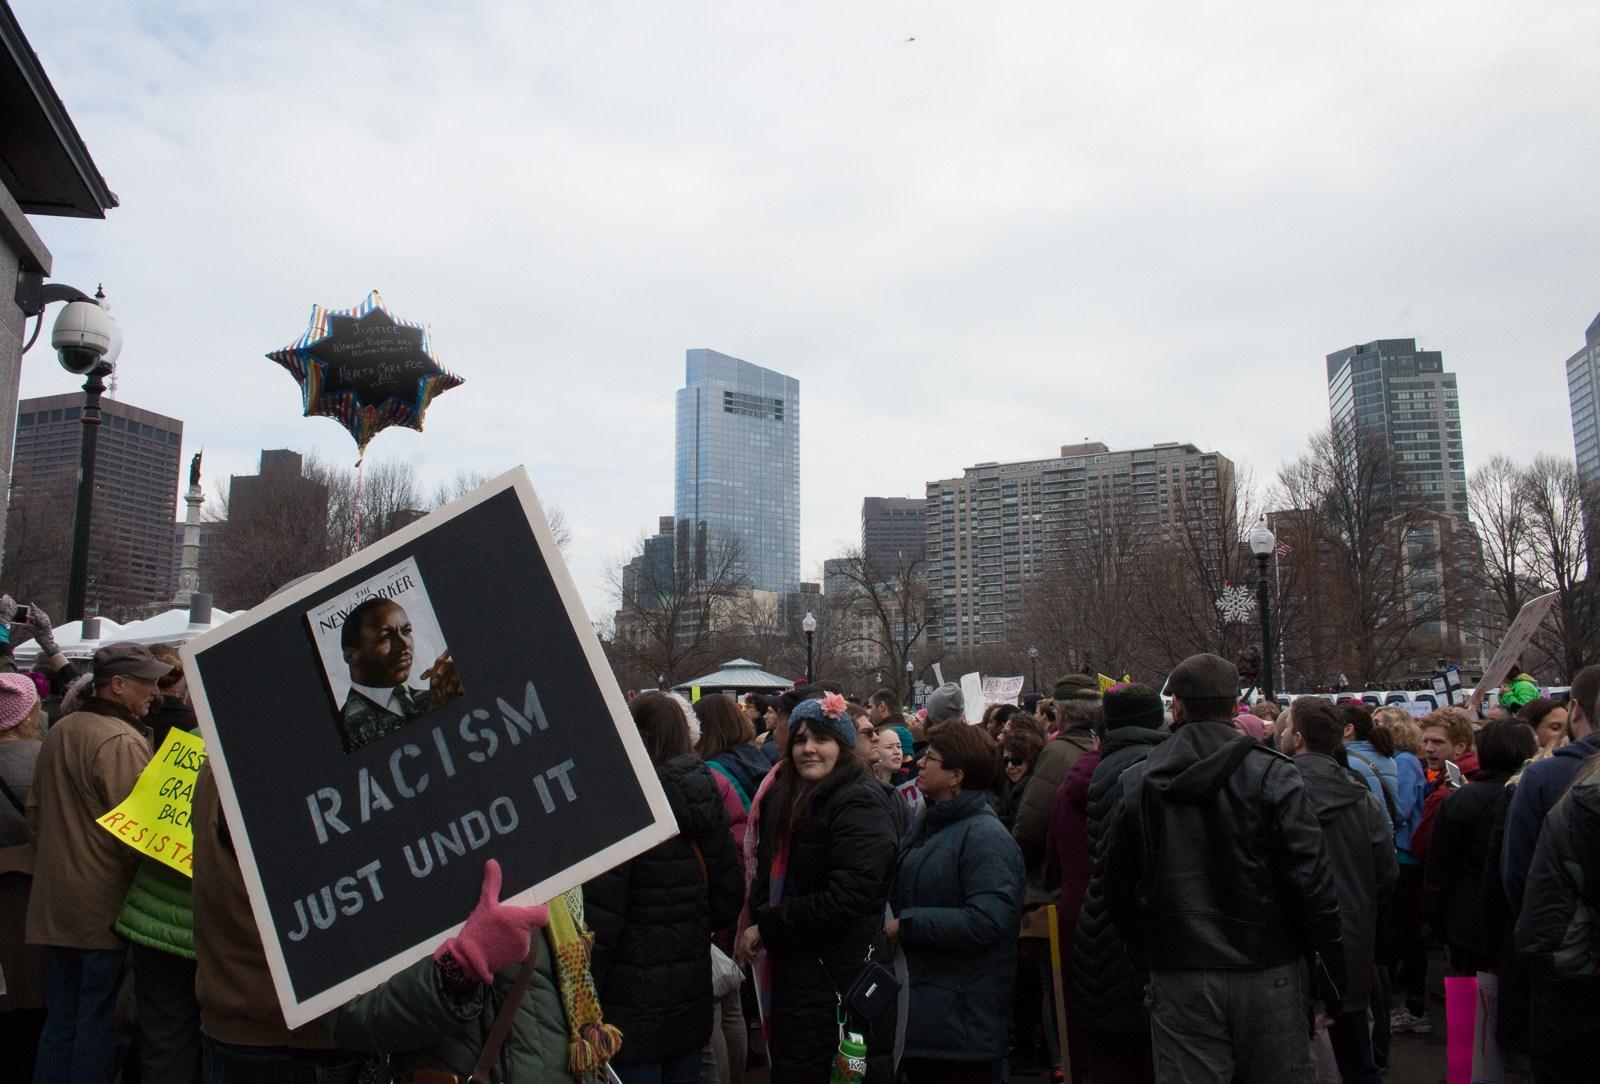 crowd scene from women's march in Boston January 21 2017